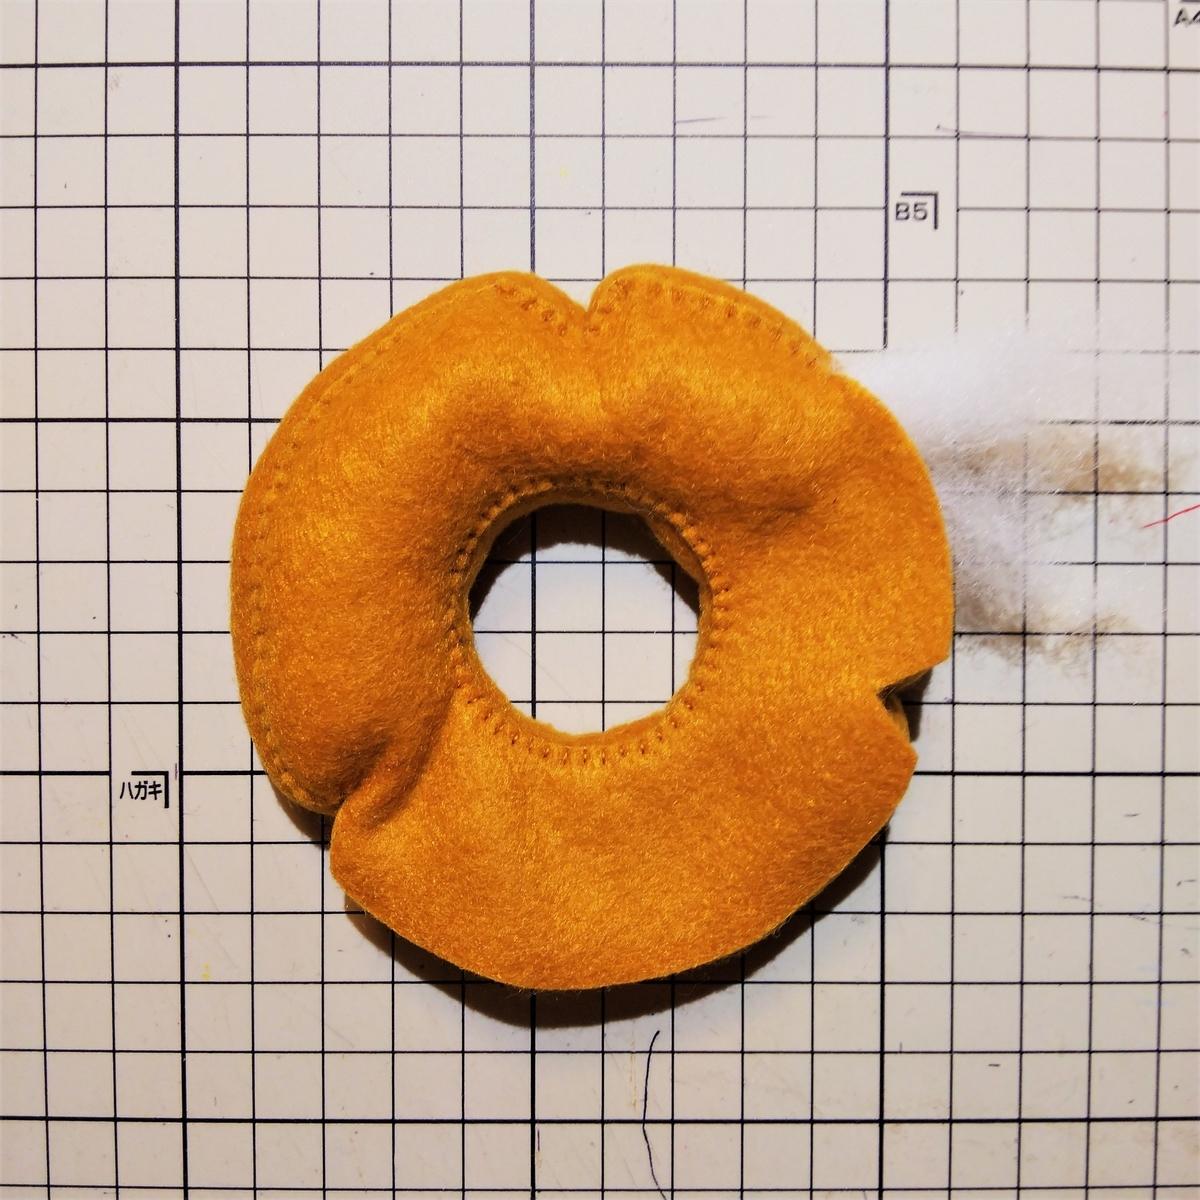 フェルトのオールドファッションの作り方⑧ 綿を入れて形を整える